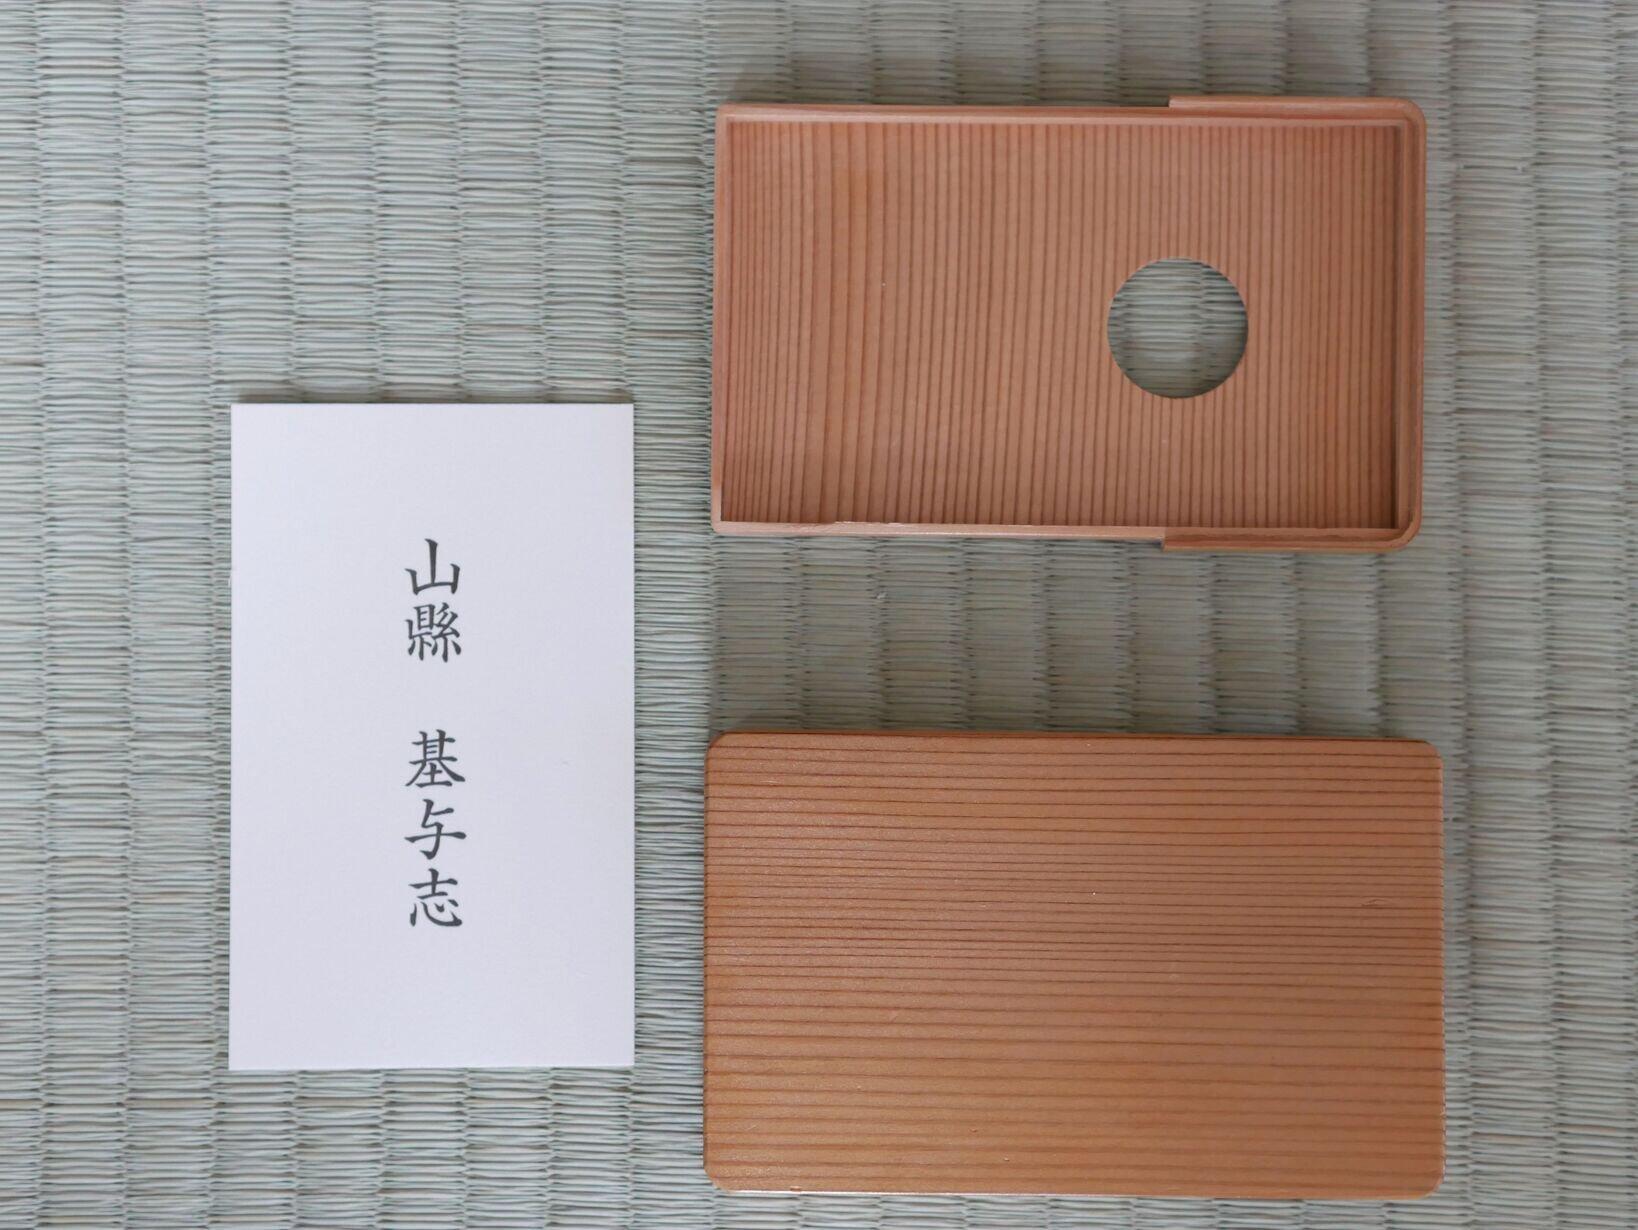 杉の板を極限まで薄く削いで、橋村家のお家芸である曲物の技術を駆使して、精密な2つのパーツが出来上がる。